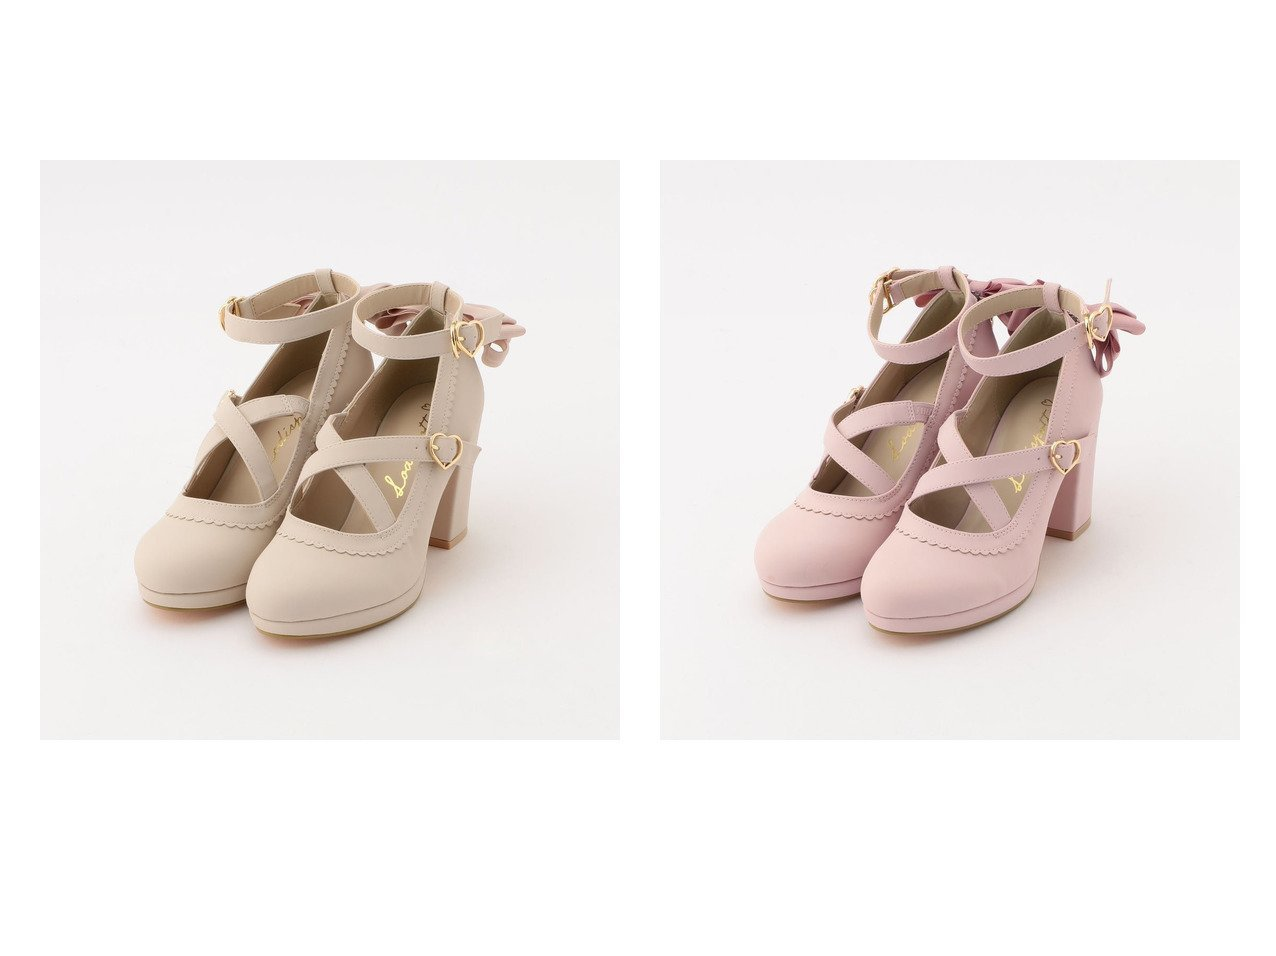 【LODISPOTTO/ロディスポット】のシェリルクロスリボンパンプス シューズ・靴のおすすめ!人気、トレンド・レディースファッションの通販 おすすめで人気の流行・トレンド、ファッションの通販商品 メンズファッション・キッズファッション・インテリア・家具・レディースファッション・服の通販 founy(ファニー) https://founy.com/ ファッション Fashion レディースファッション WOMEN 2021年 2021 2021-2022 秋冬 A/W AW Autumn/Winter / FW Fall-Winter 2021-2022 A/W 秋冬 AW Autumn/Winter / FW Fall-Winter スカラップ チャーム |ID:crp329100000022559